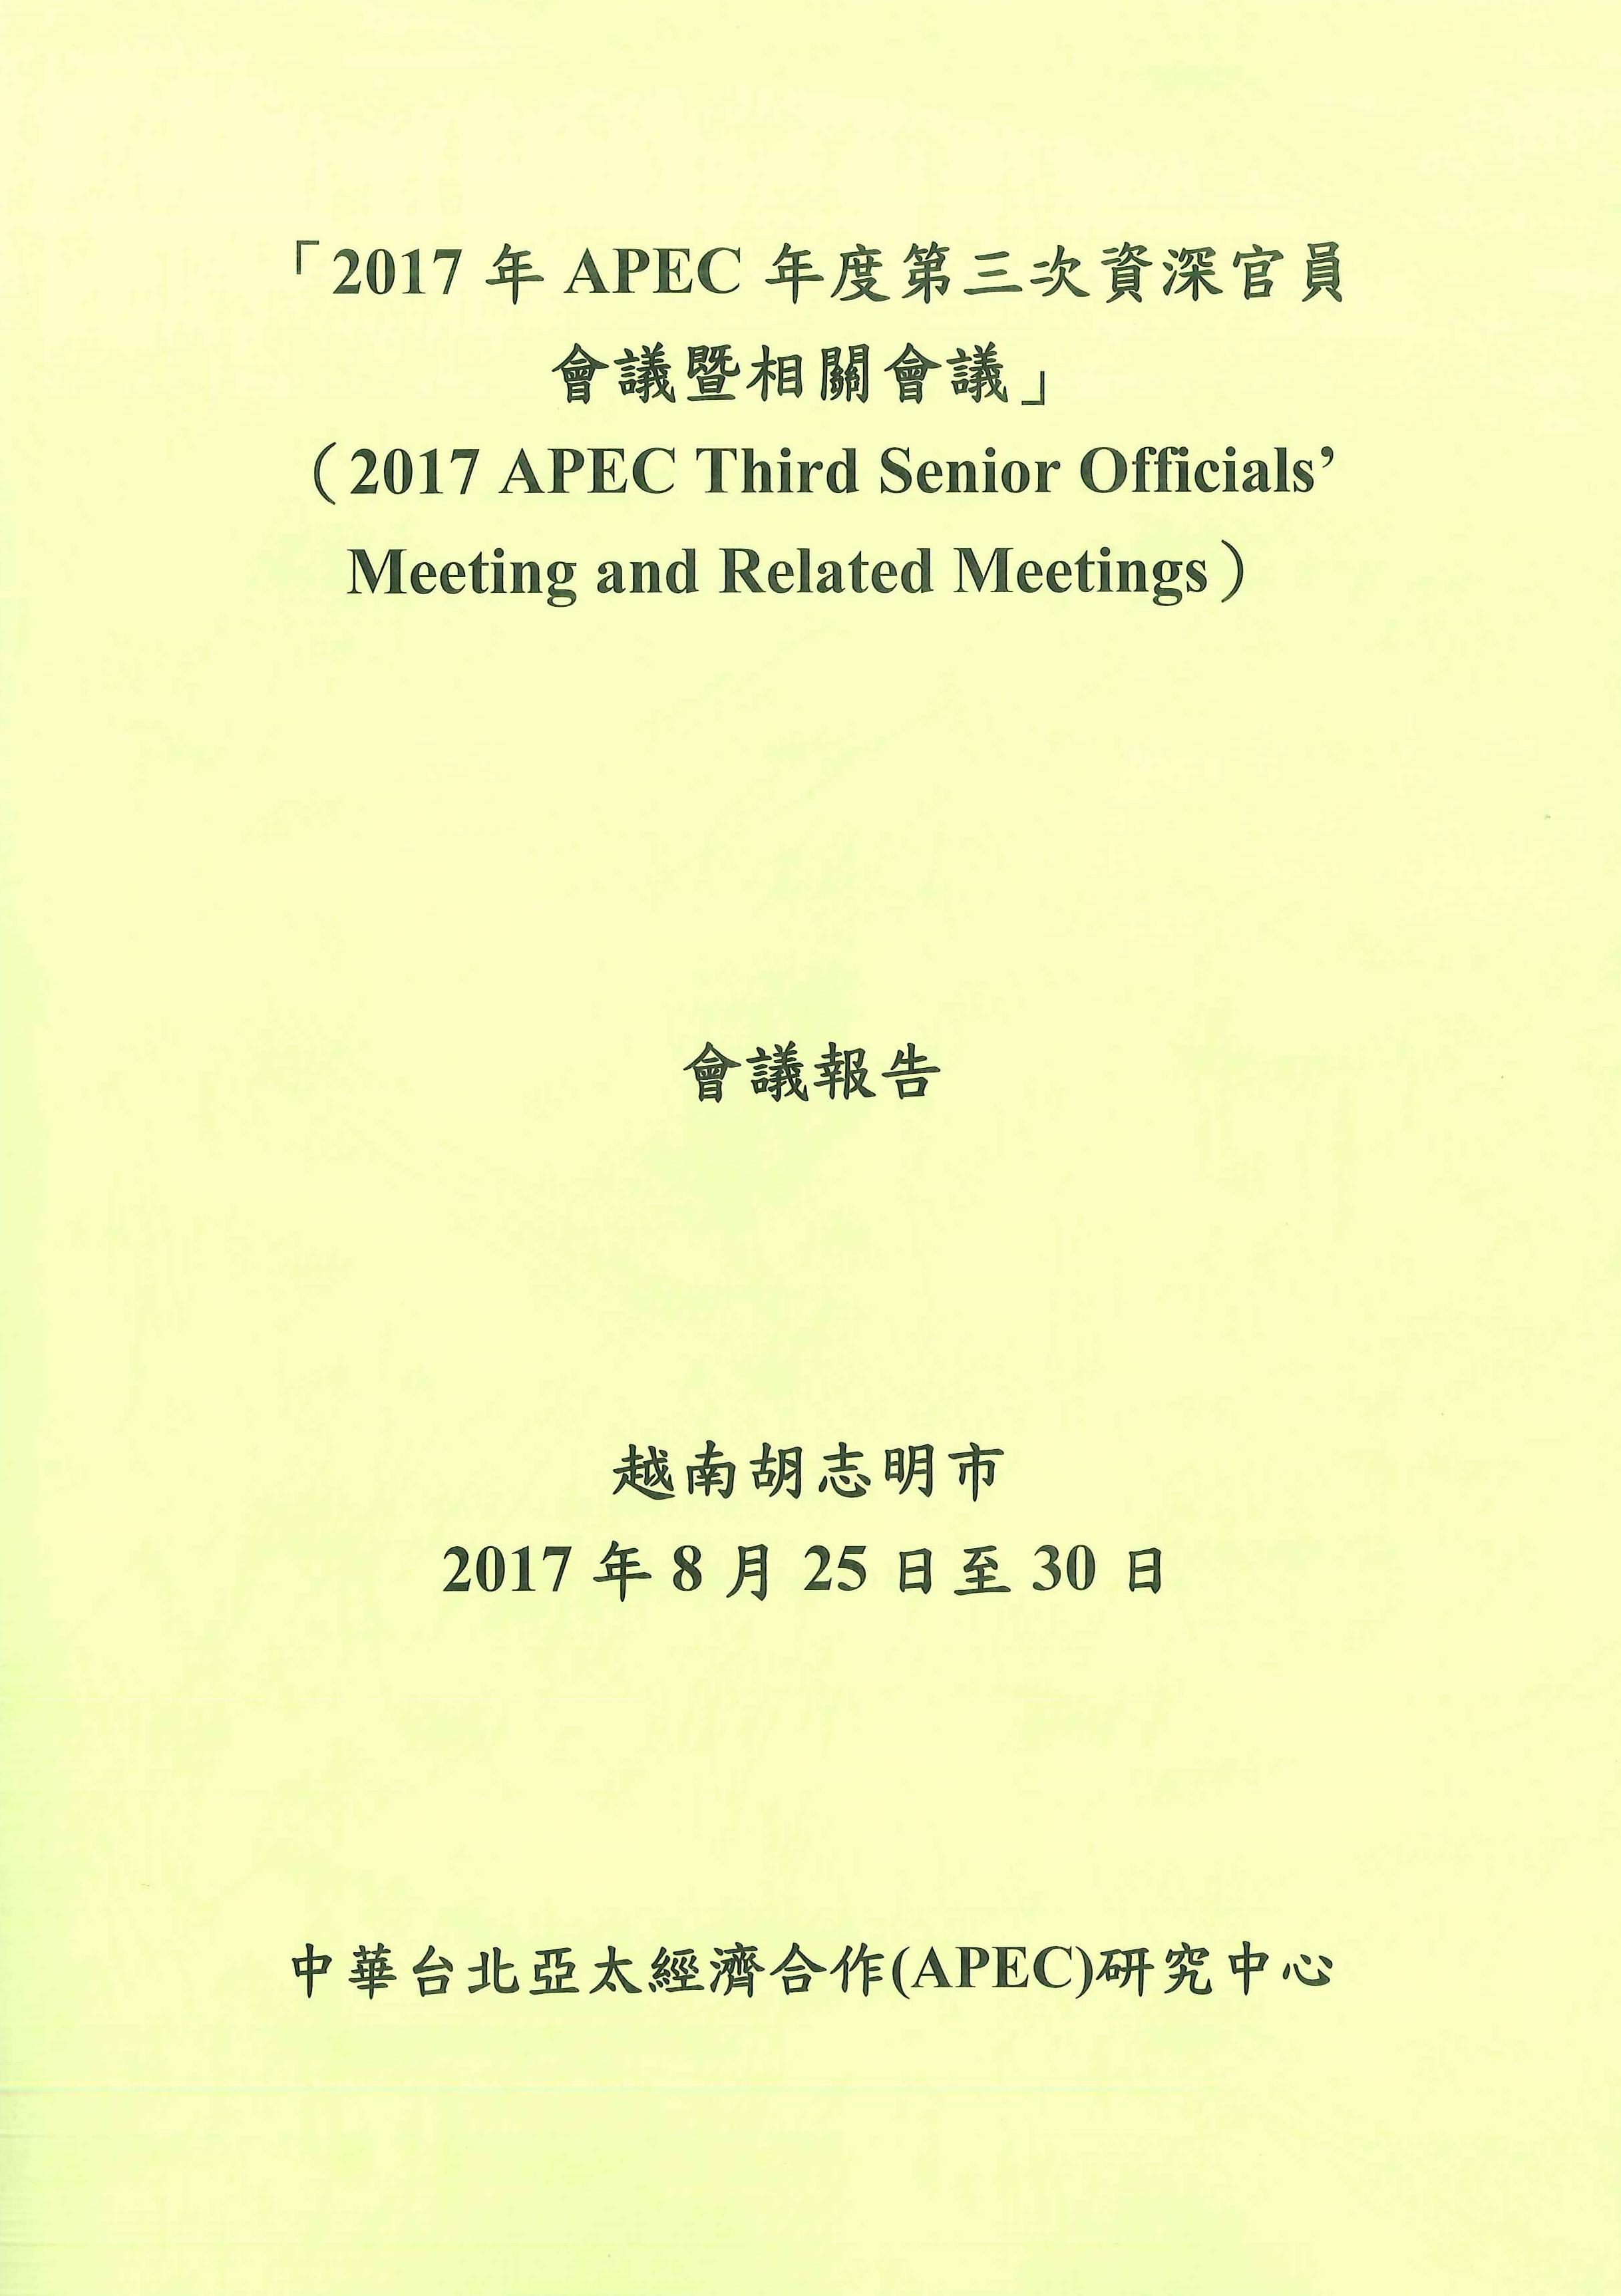 2017年APEC年度第三次資深官員會議暨相關會議:會議報告=2017 APEC third senior officials